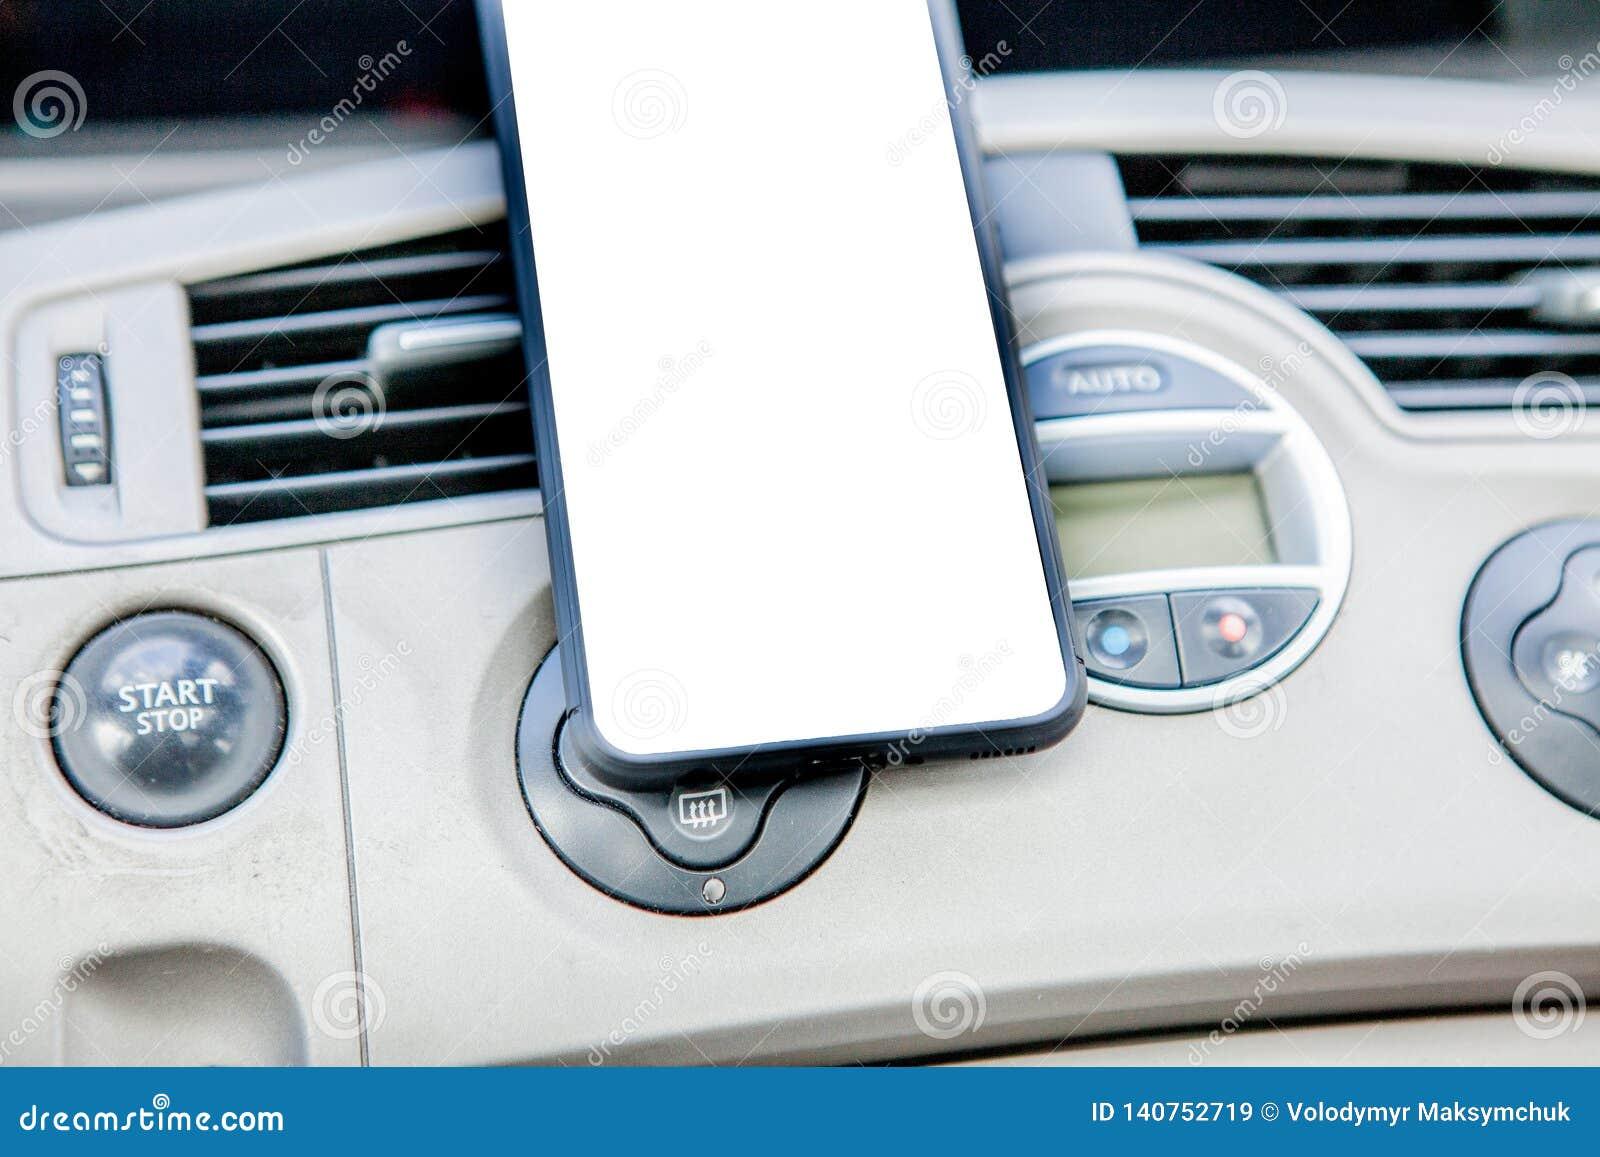 Smartphone in een autogebruik voor Navigate of GPS Het drijven van een auto met Smartphone in houder Het mobiele telefoon witte s